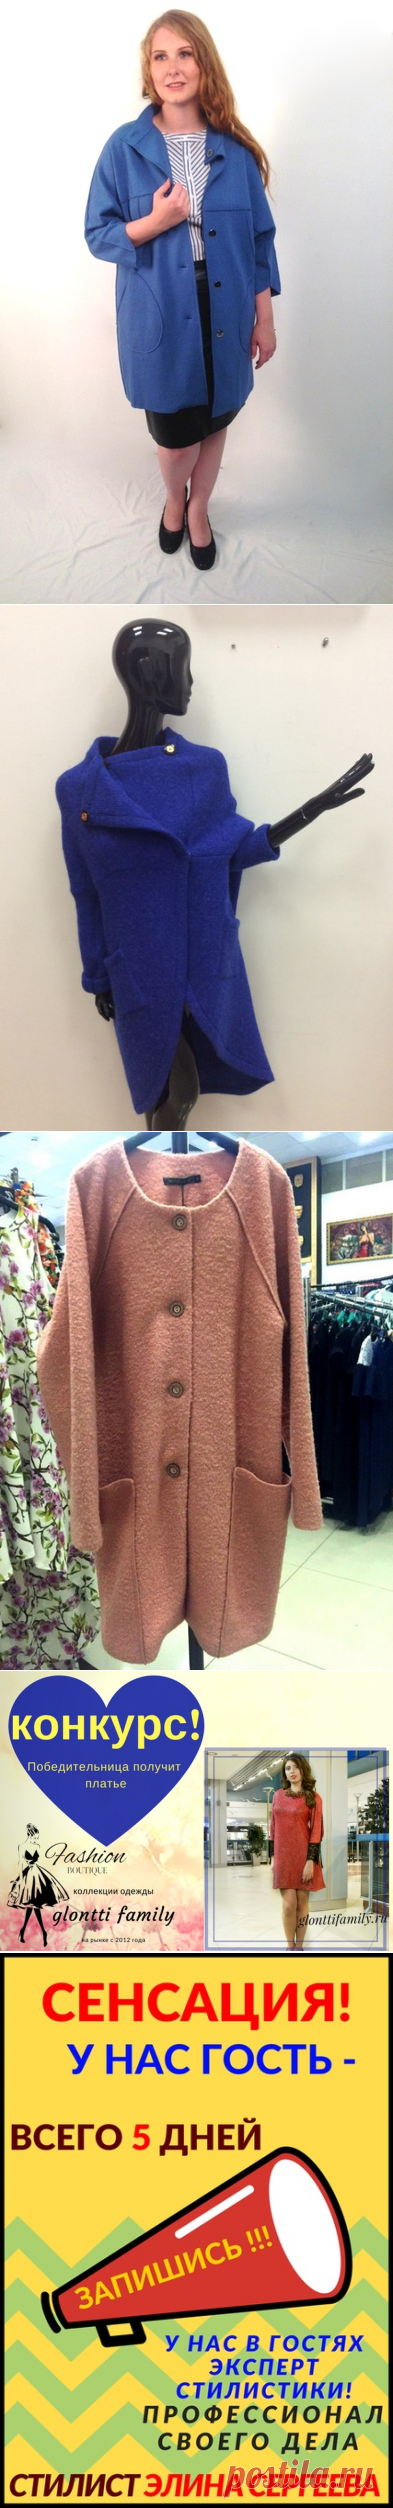 Модная женская одежда, магазин